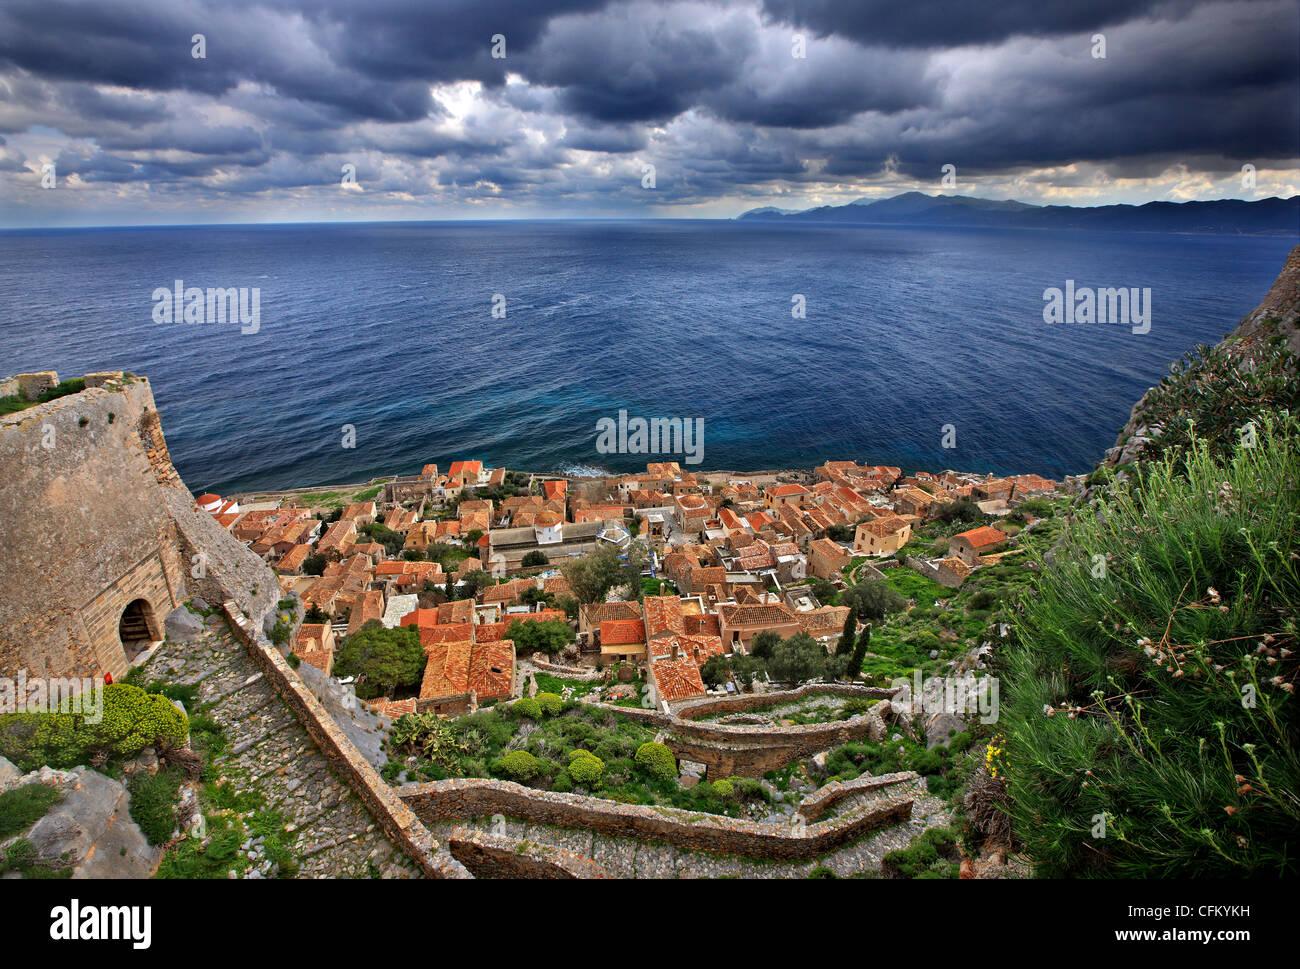 La ciudad medieval de Monemvasia 'castletown' (o 'Malvasia'), en la Prefectura de Laconia, Peloponeso, Imagen De Stock